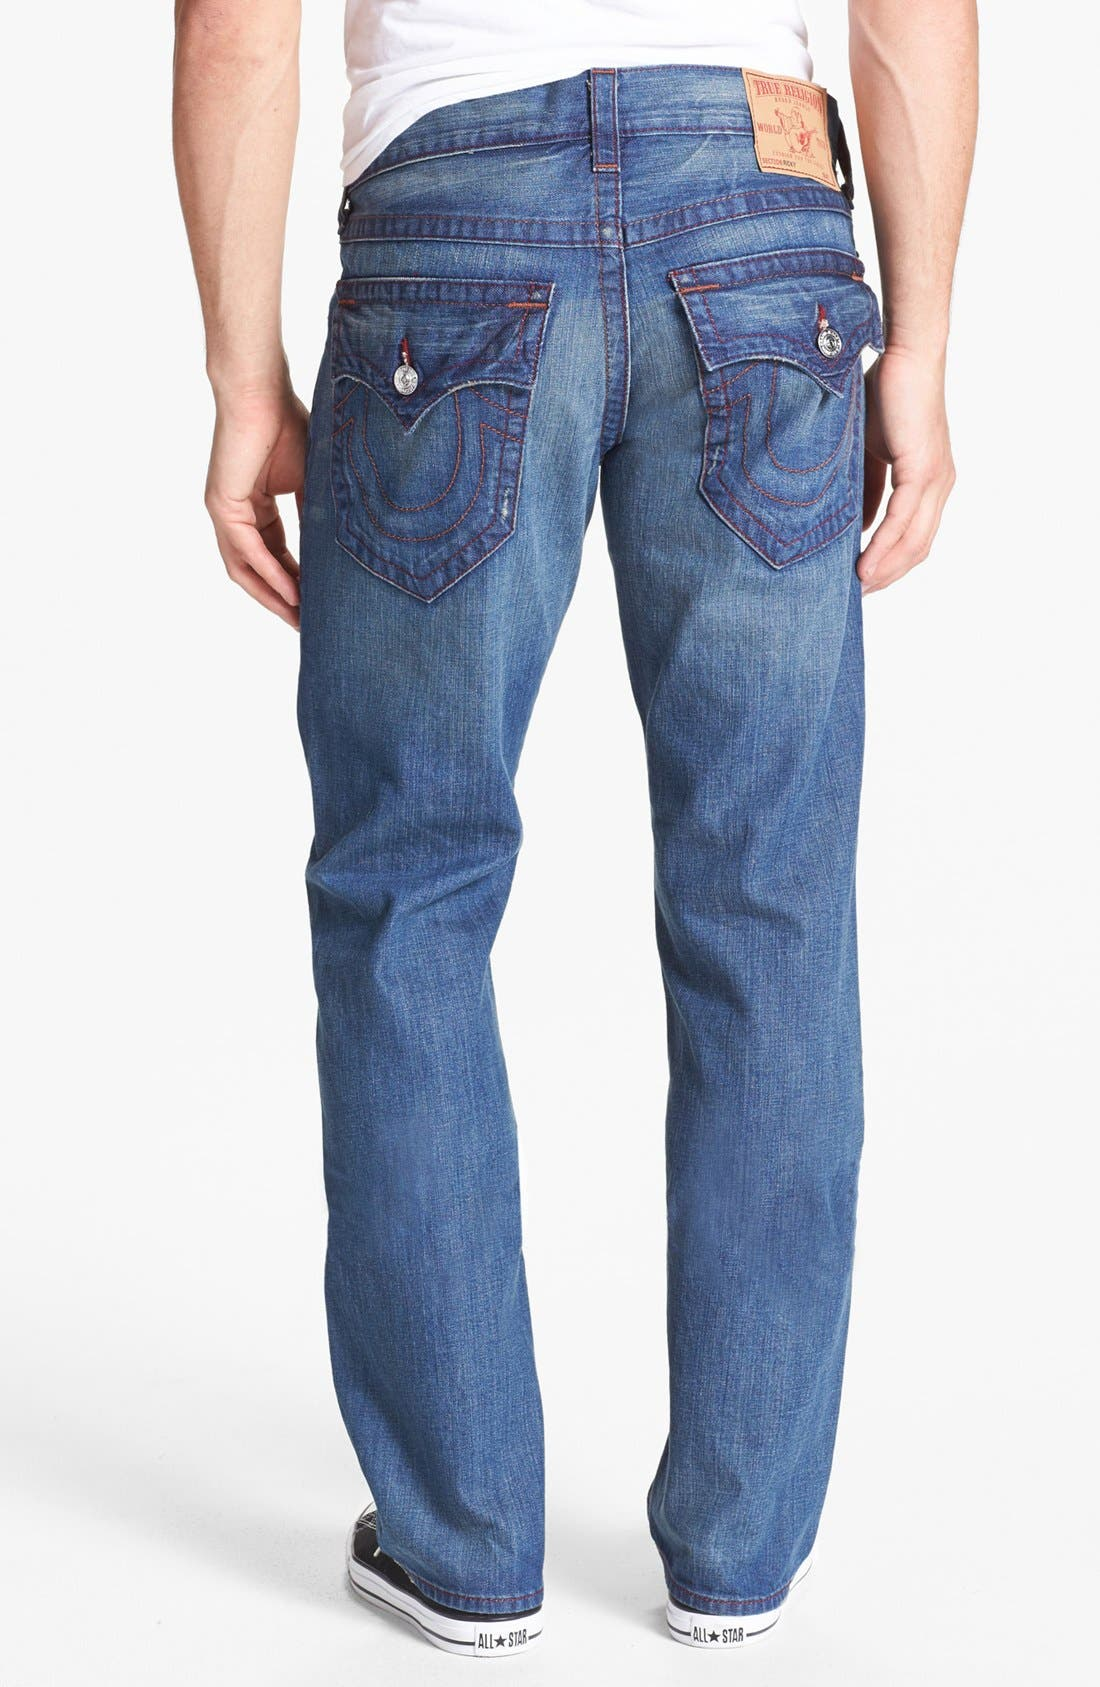 Alternate Image 1 Selected - True Religion Brand Jeans 'Ricky' Straight Leg Jeans (Medium Drifter)